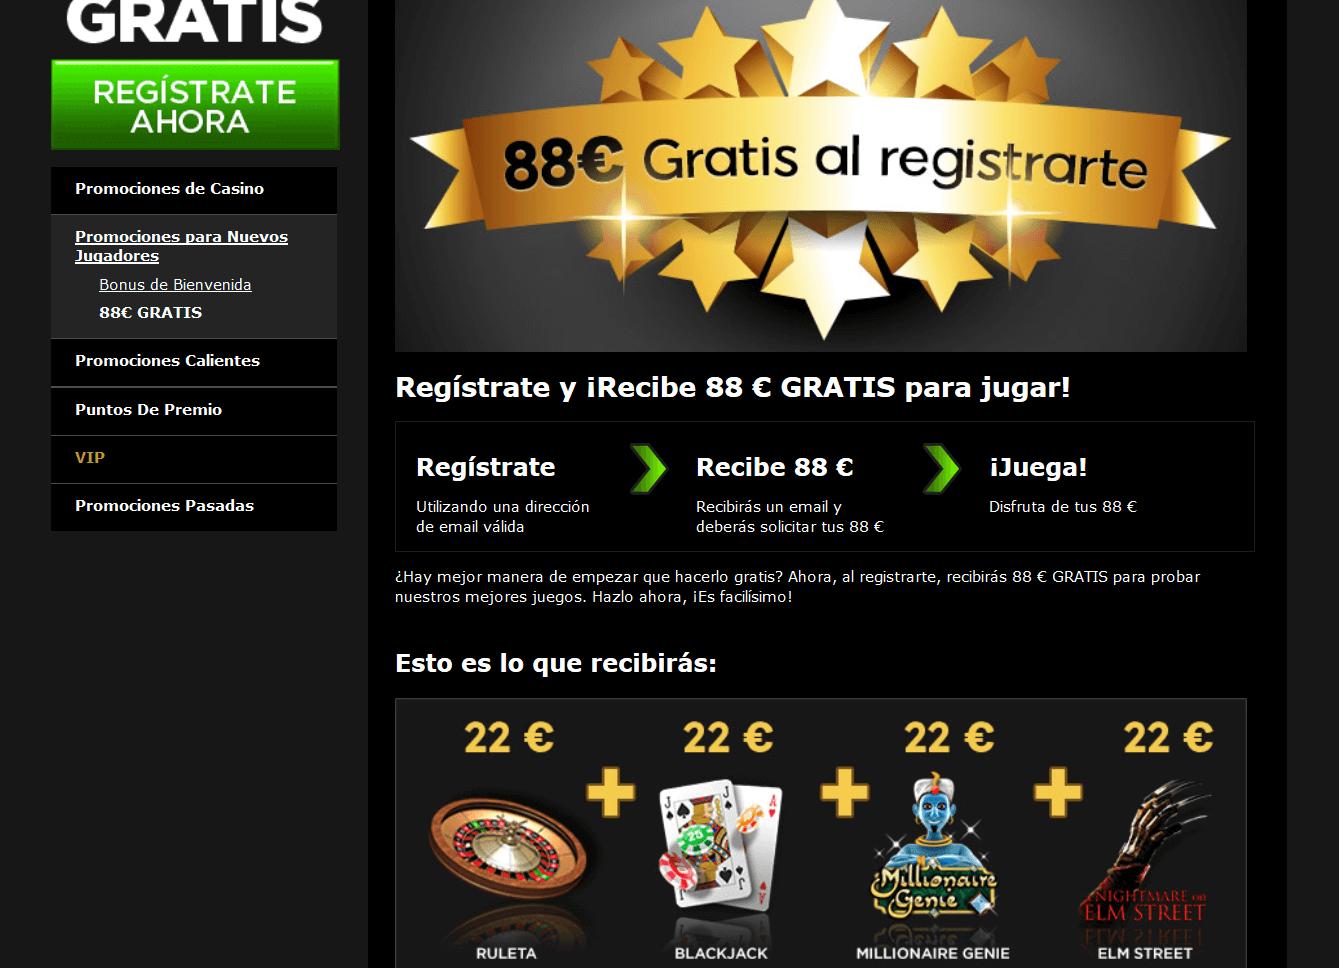 Casino bono sin deposito 2019 operadores de juego online - 77400